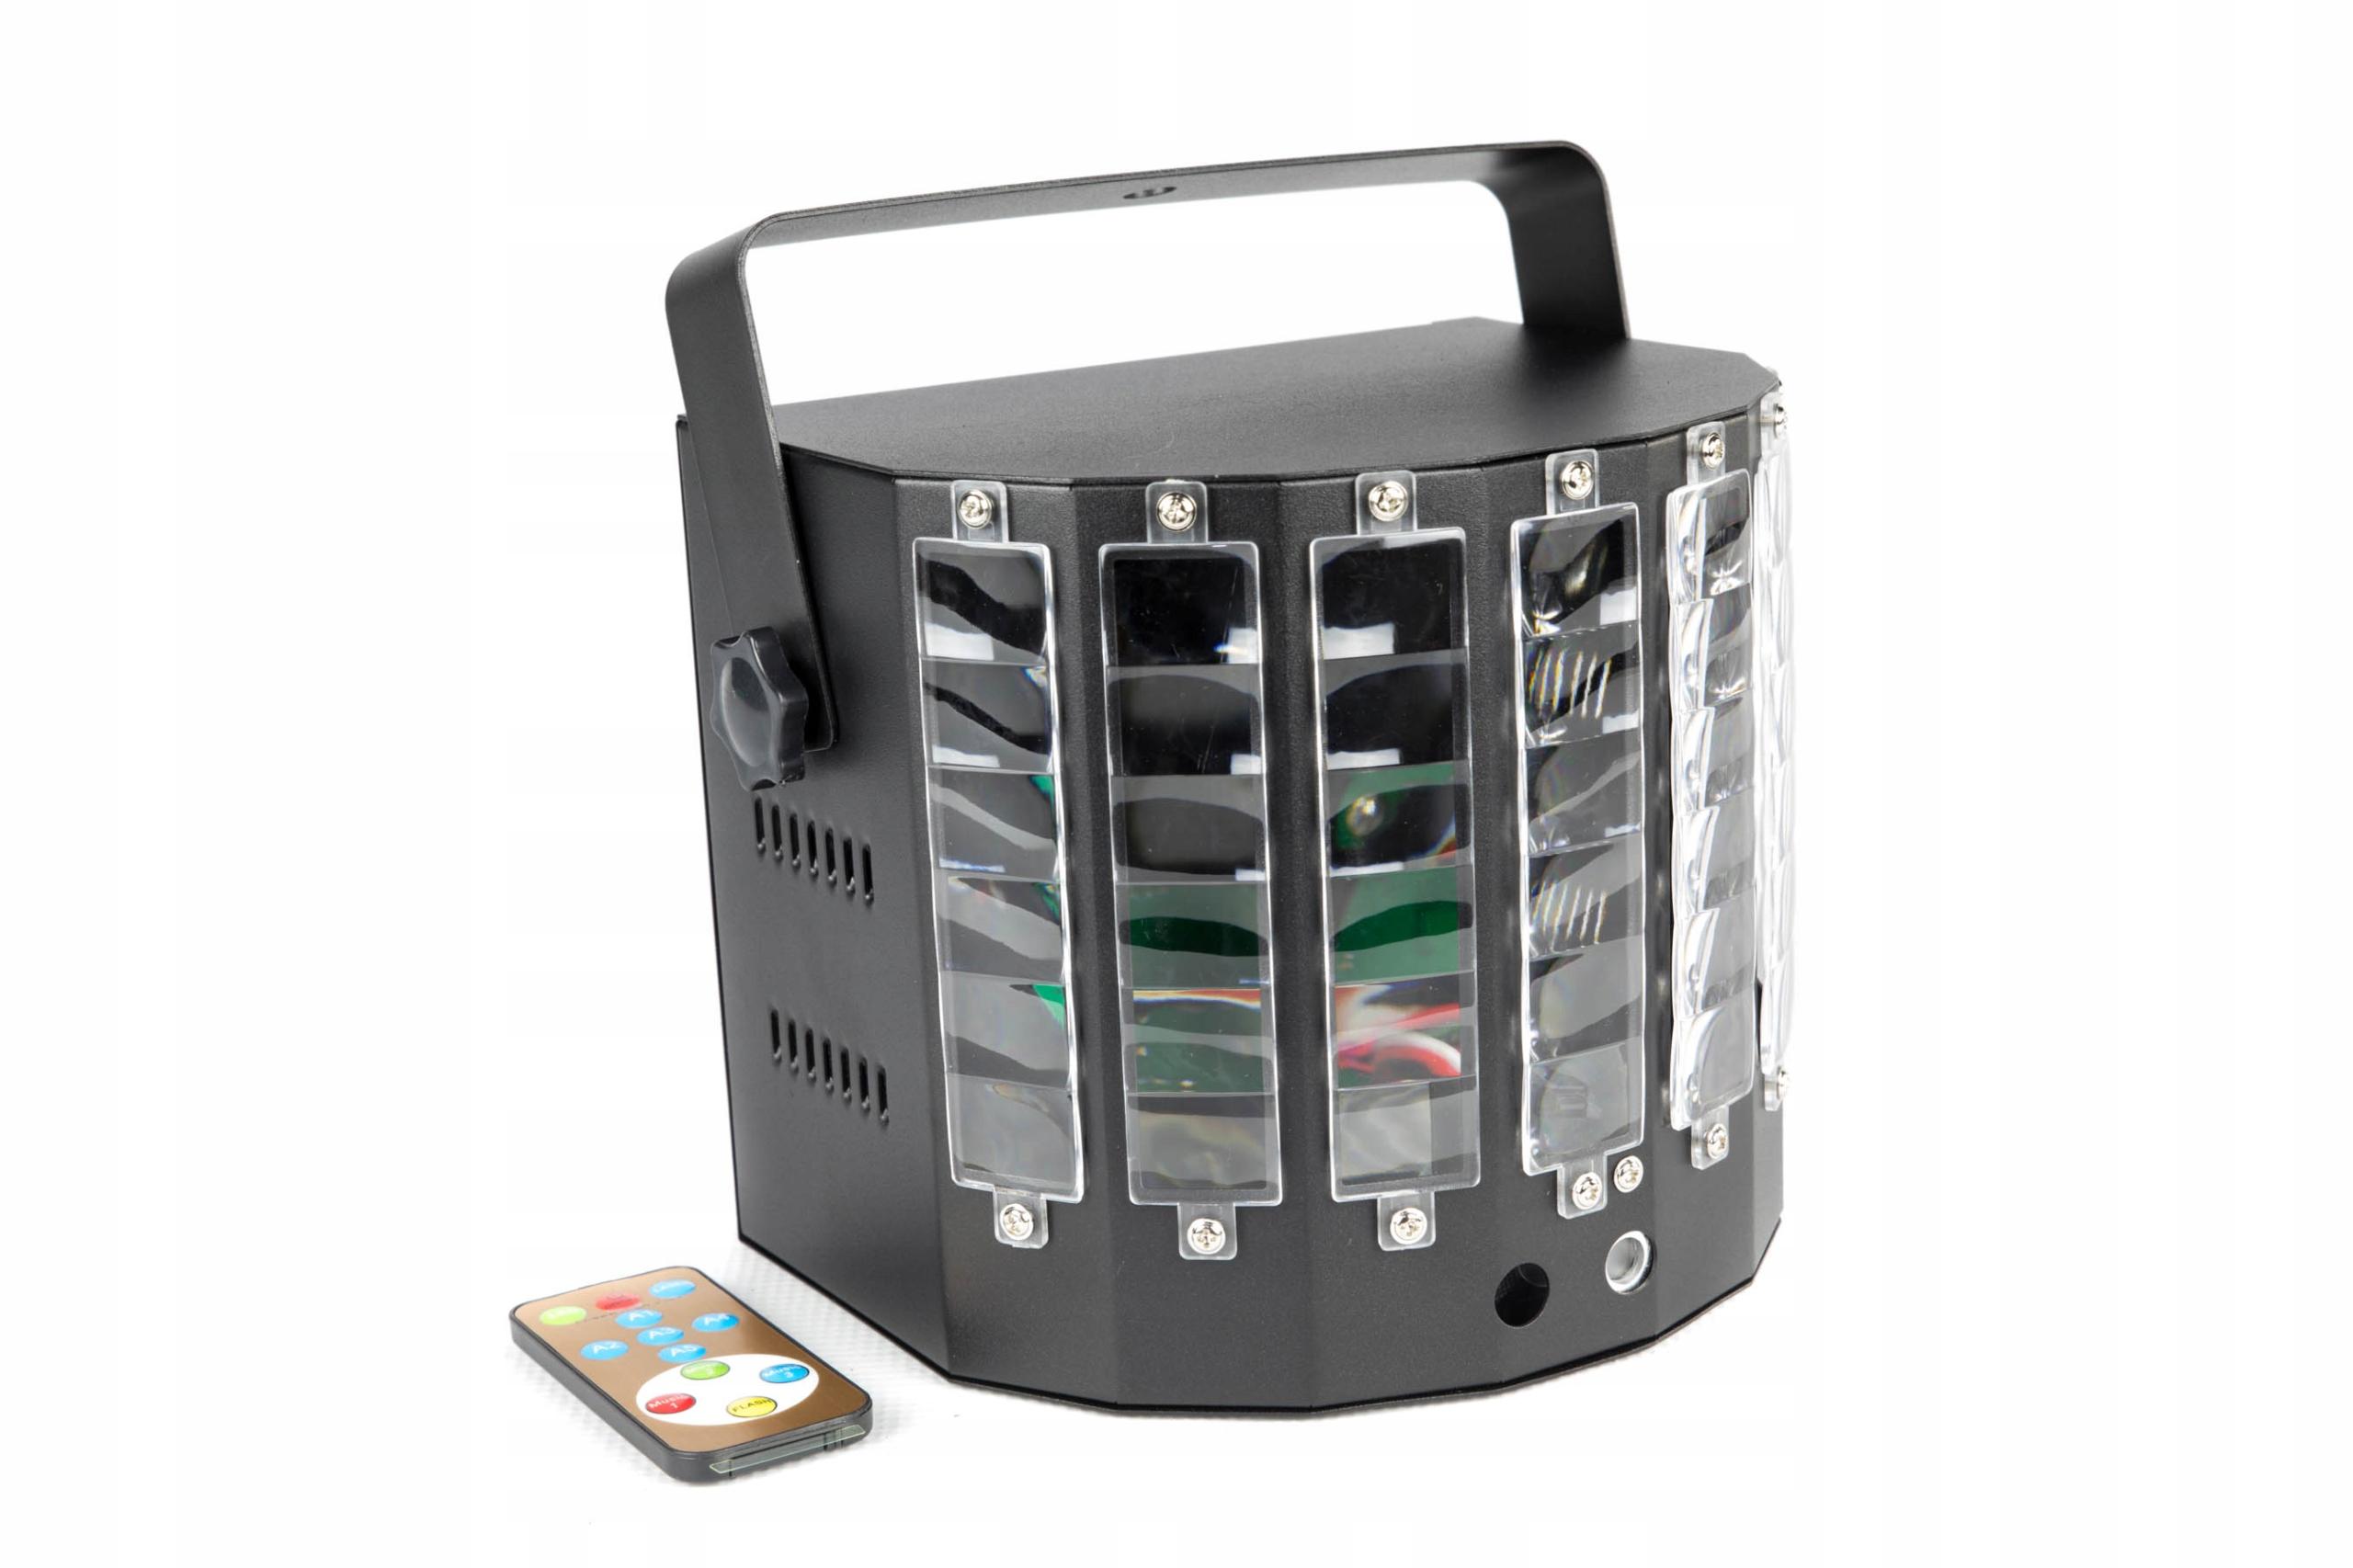 Item COLORSTAGE EFFECT LED DERBY LASER TURBO V2 RGBWAP